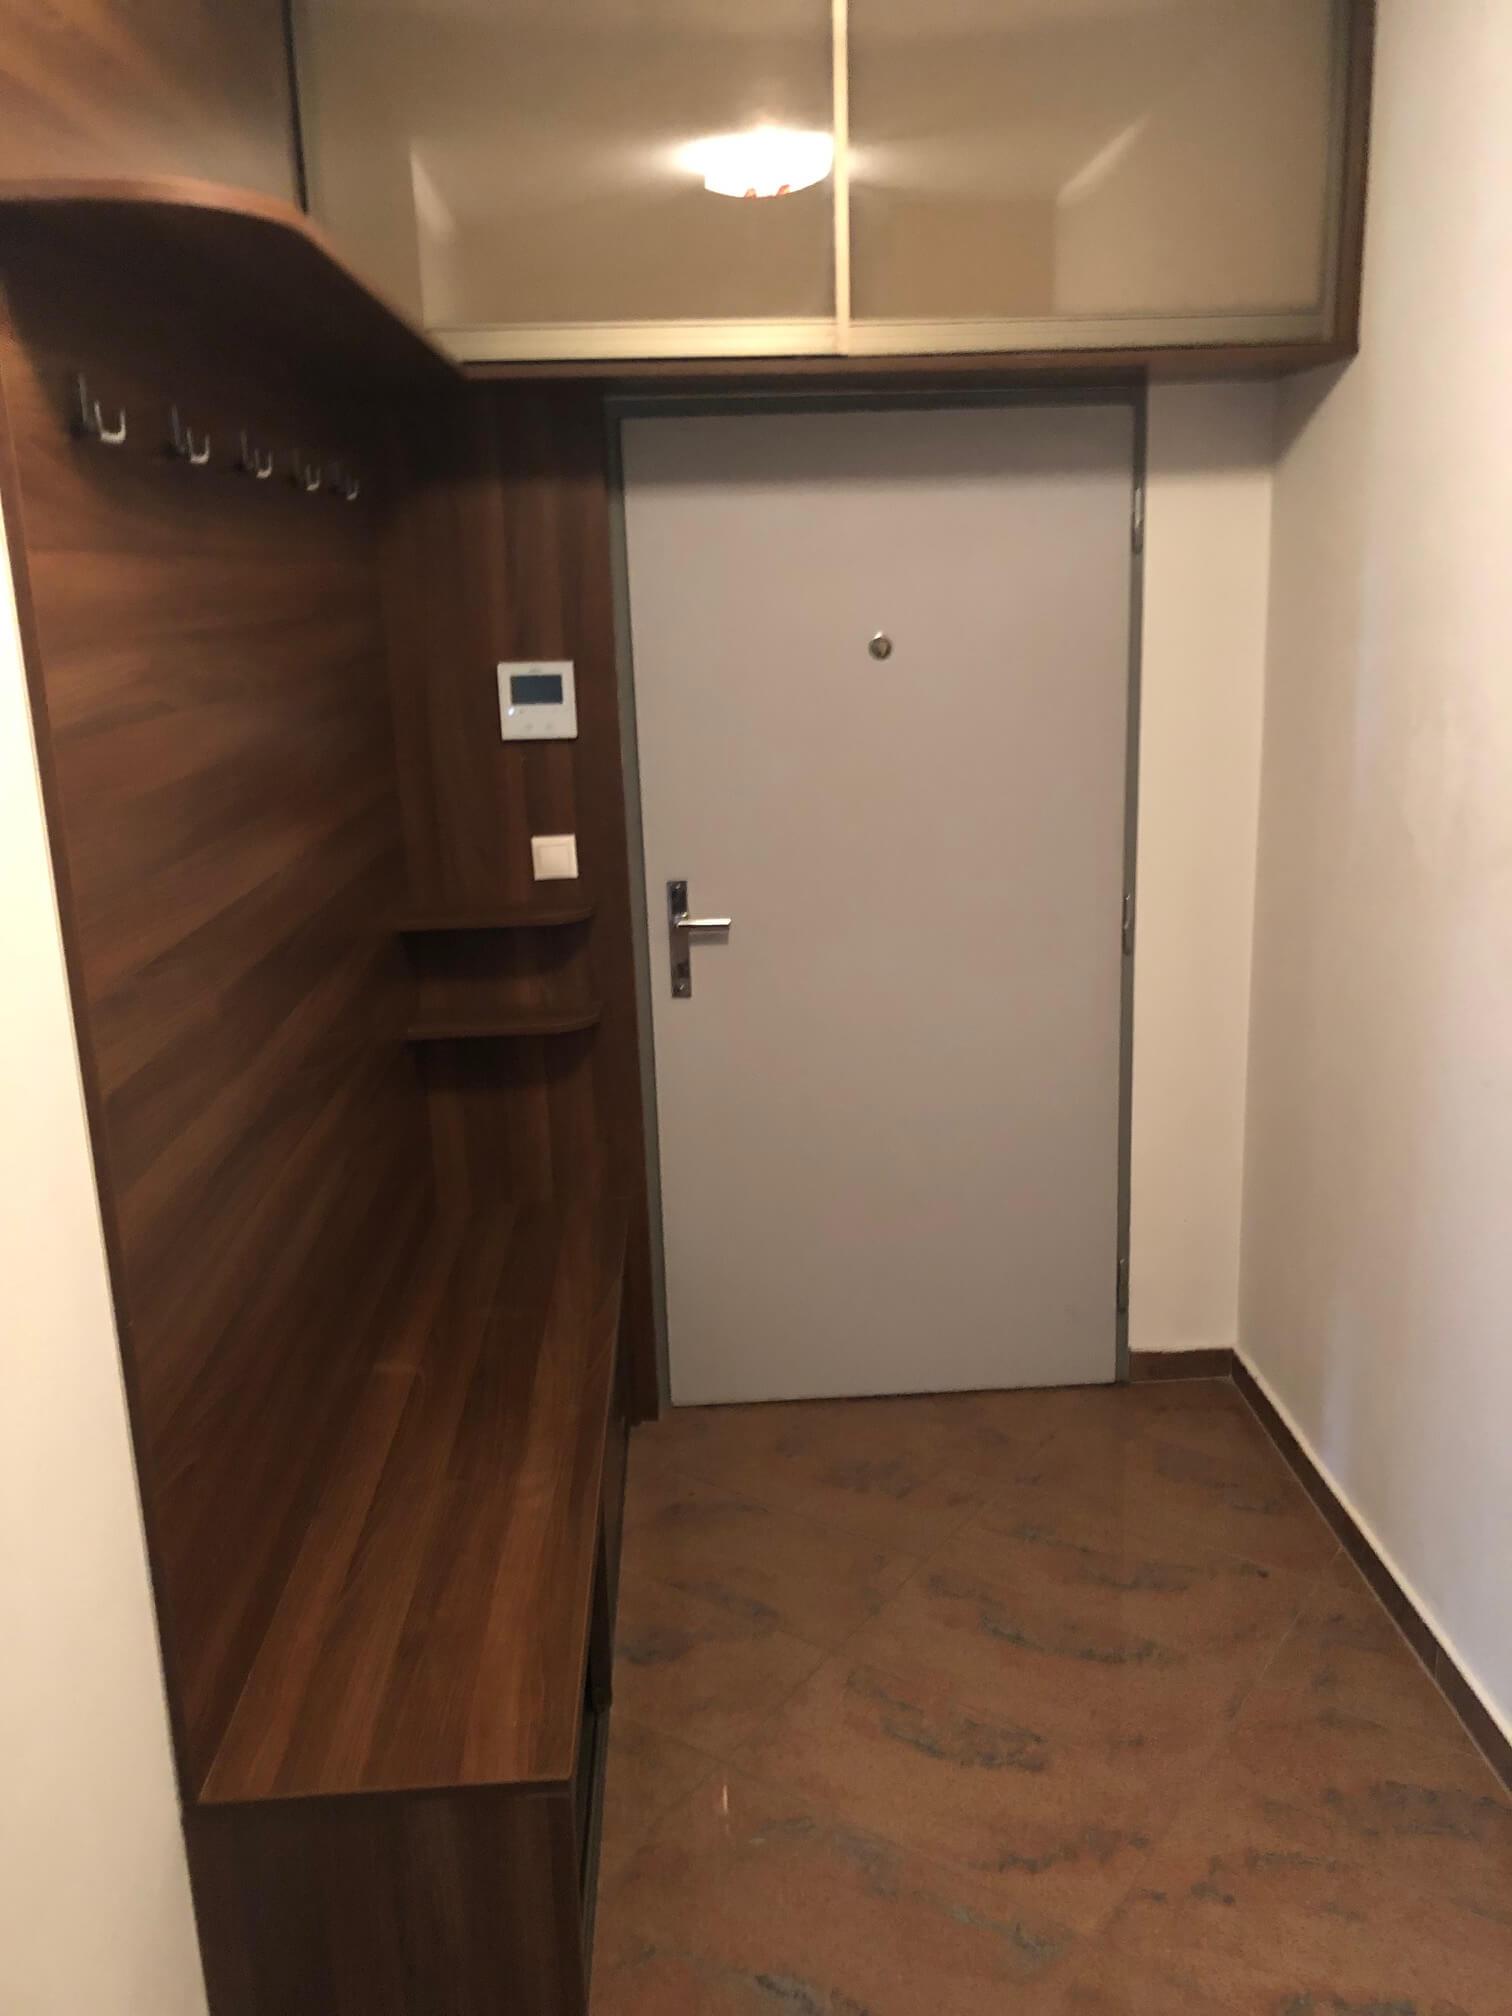 Predané: 3 izbový byt, novostavba, 72,25m2, loggia 4,82m2, Staré Grunty, Karlovka, garážové státie-42